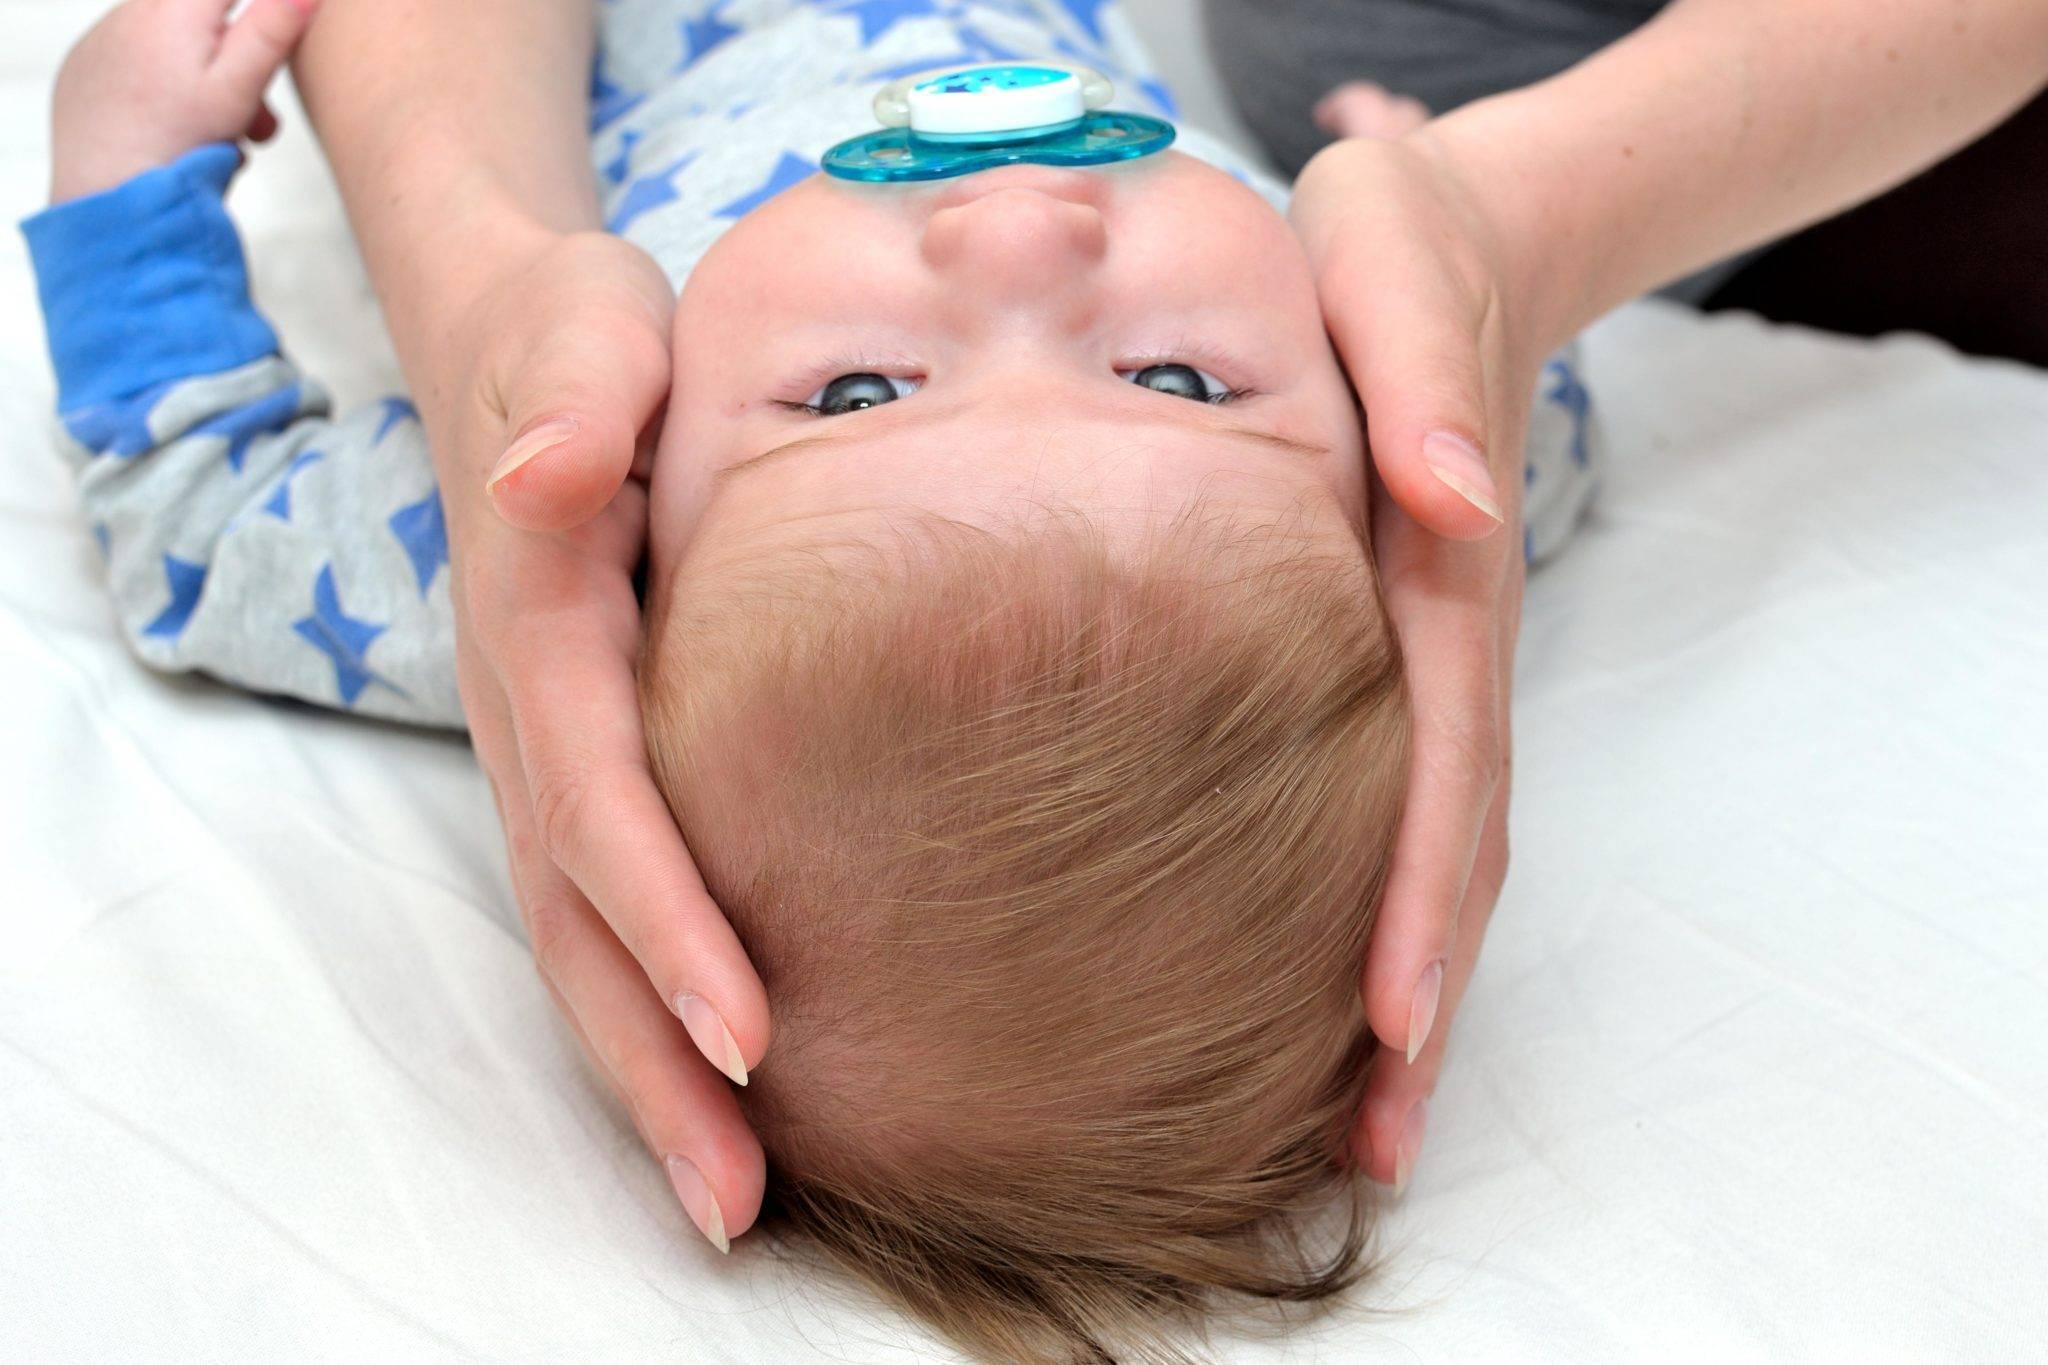 Ребенок упал с дивана: действия мамы. ребенок упал с кровати или дивана вниз головой и ударился: что делать — мнение доктора комаровского